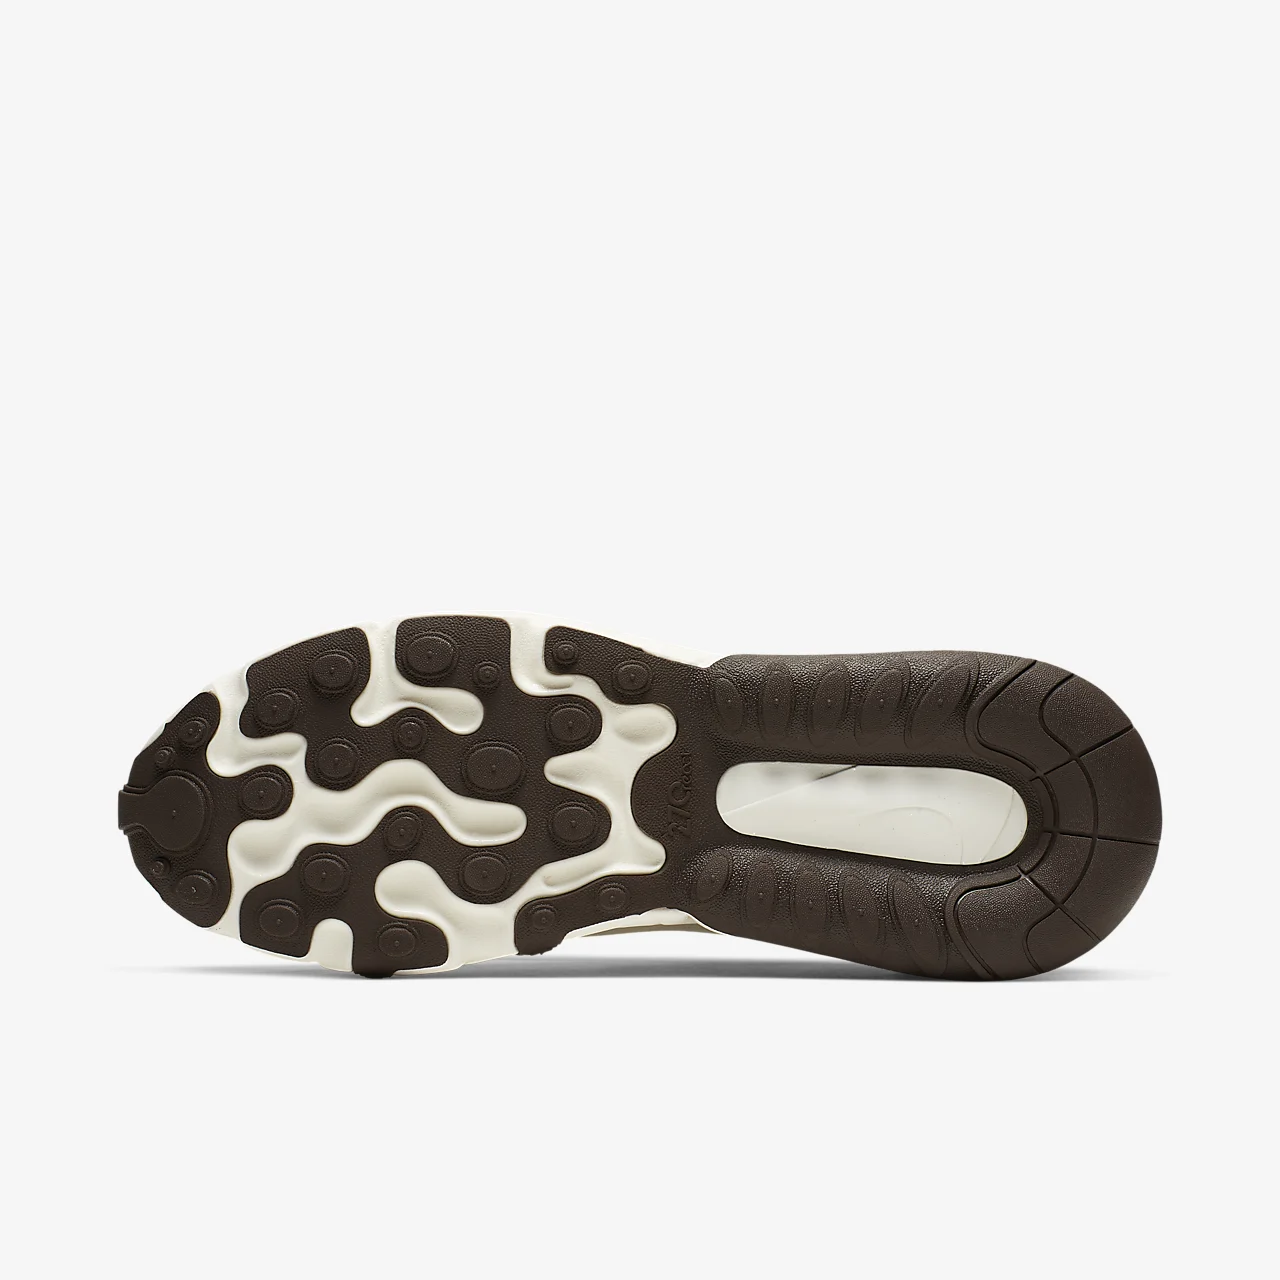 유럽직배송 나이키 NIKE Nike Air Max 270 React (Mid-Century) Women's Shoe AT6174-200